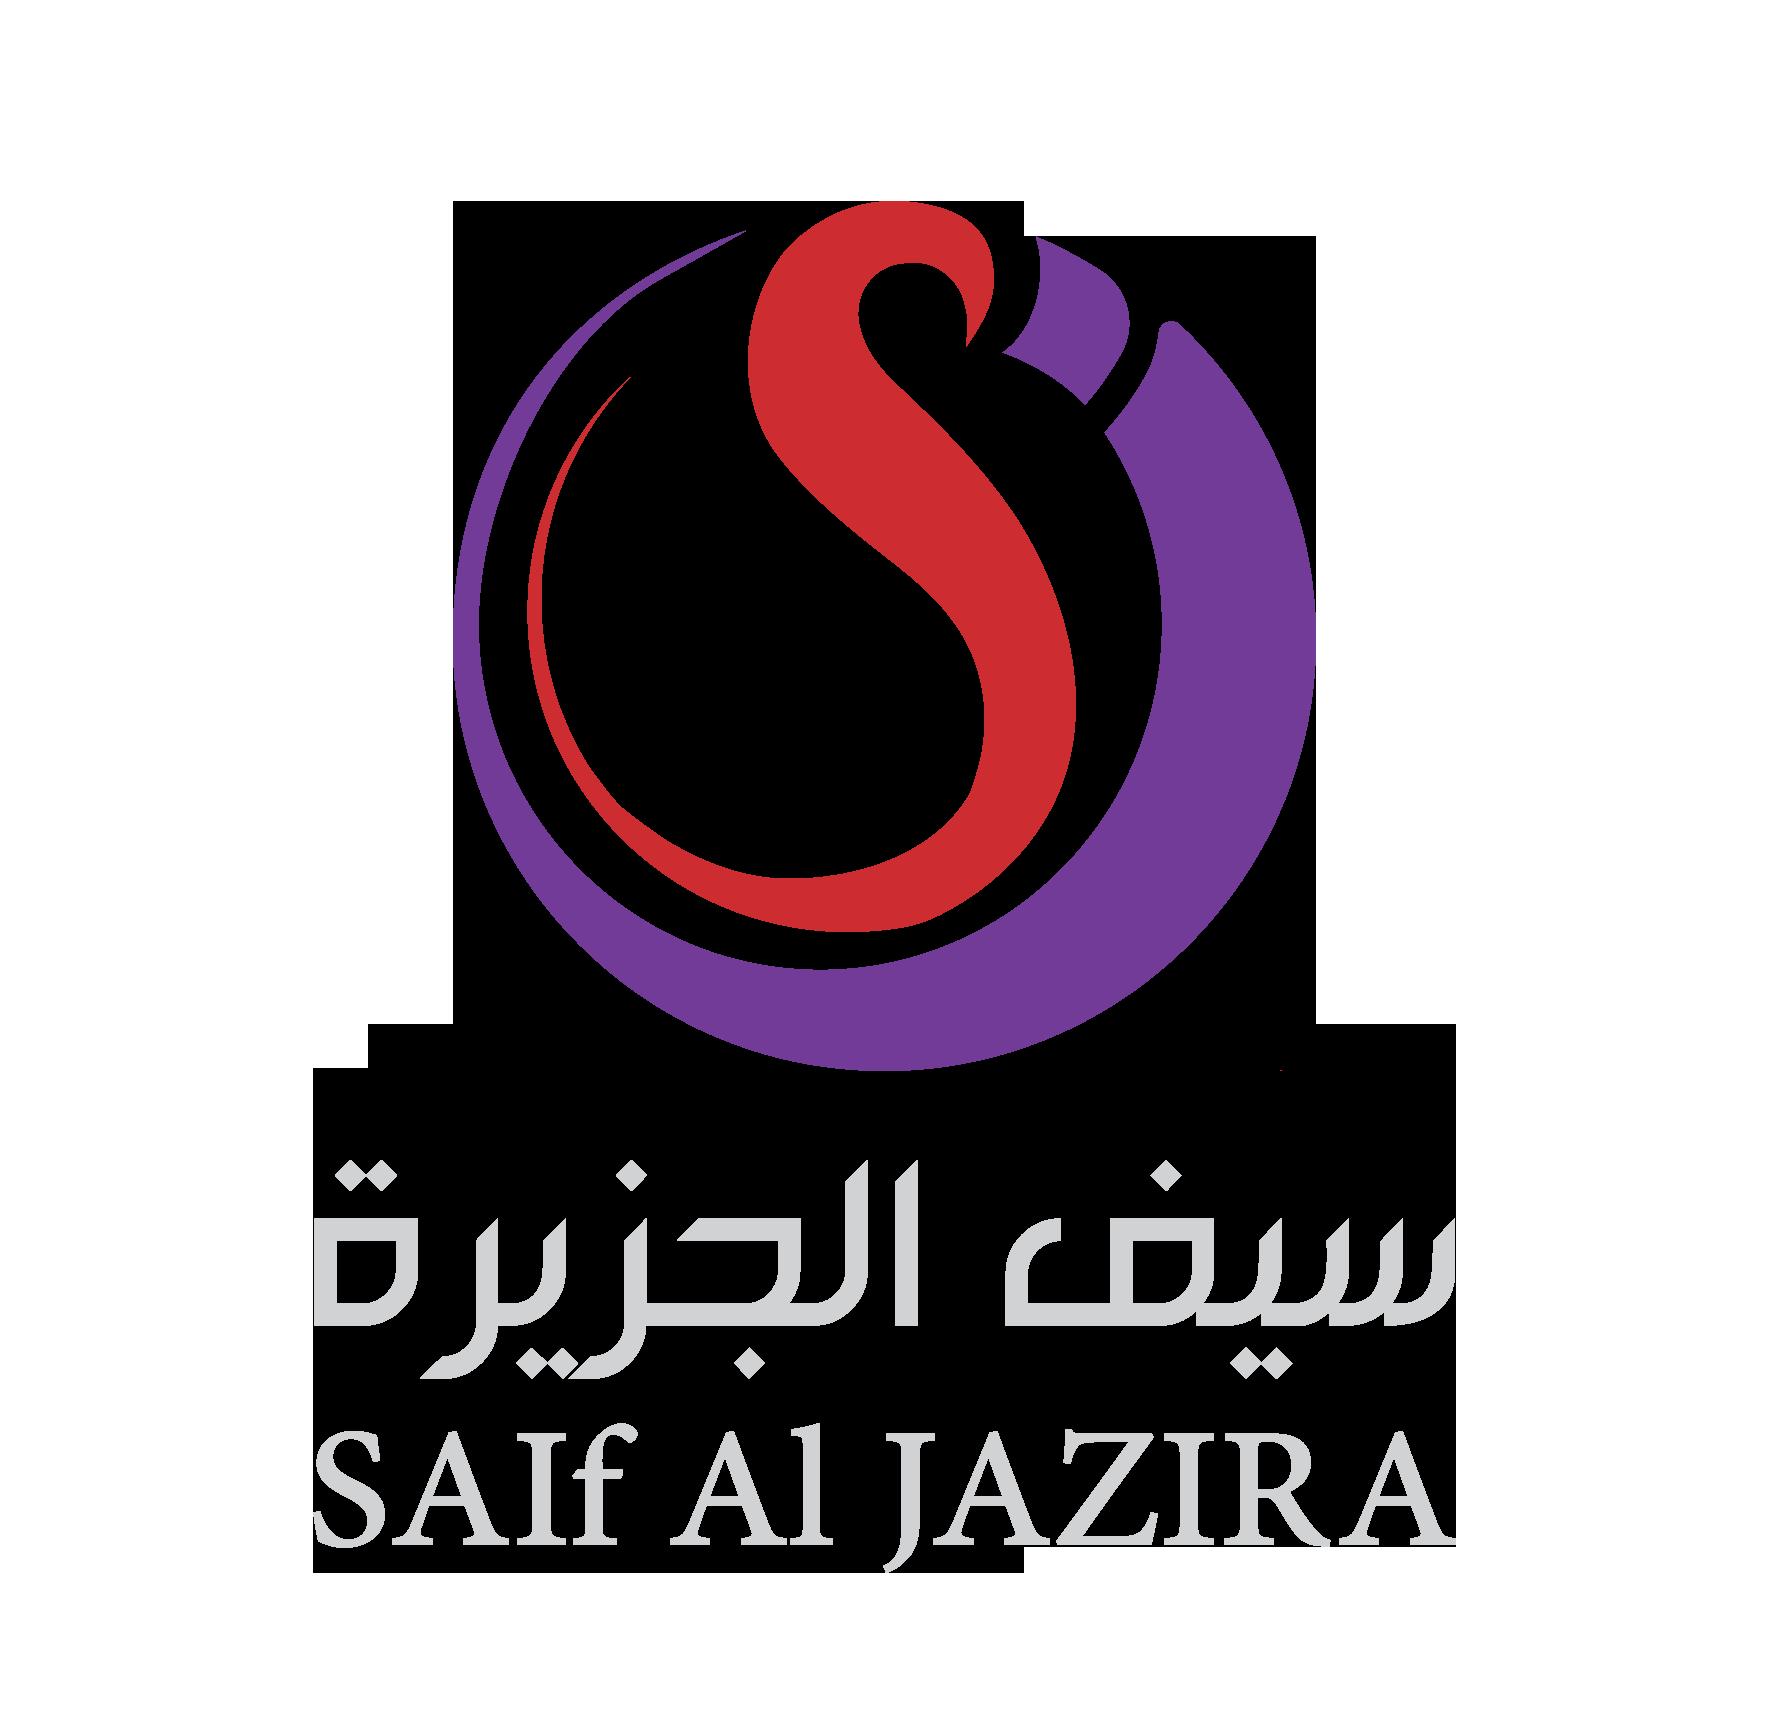 Saif Aljazira.